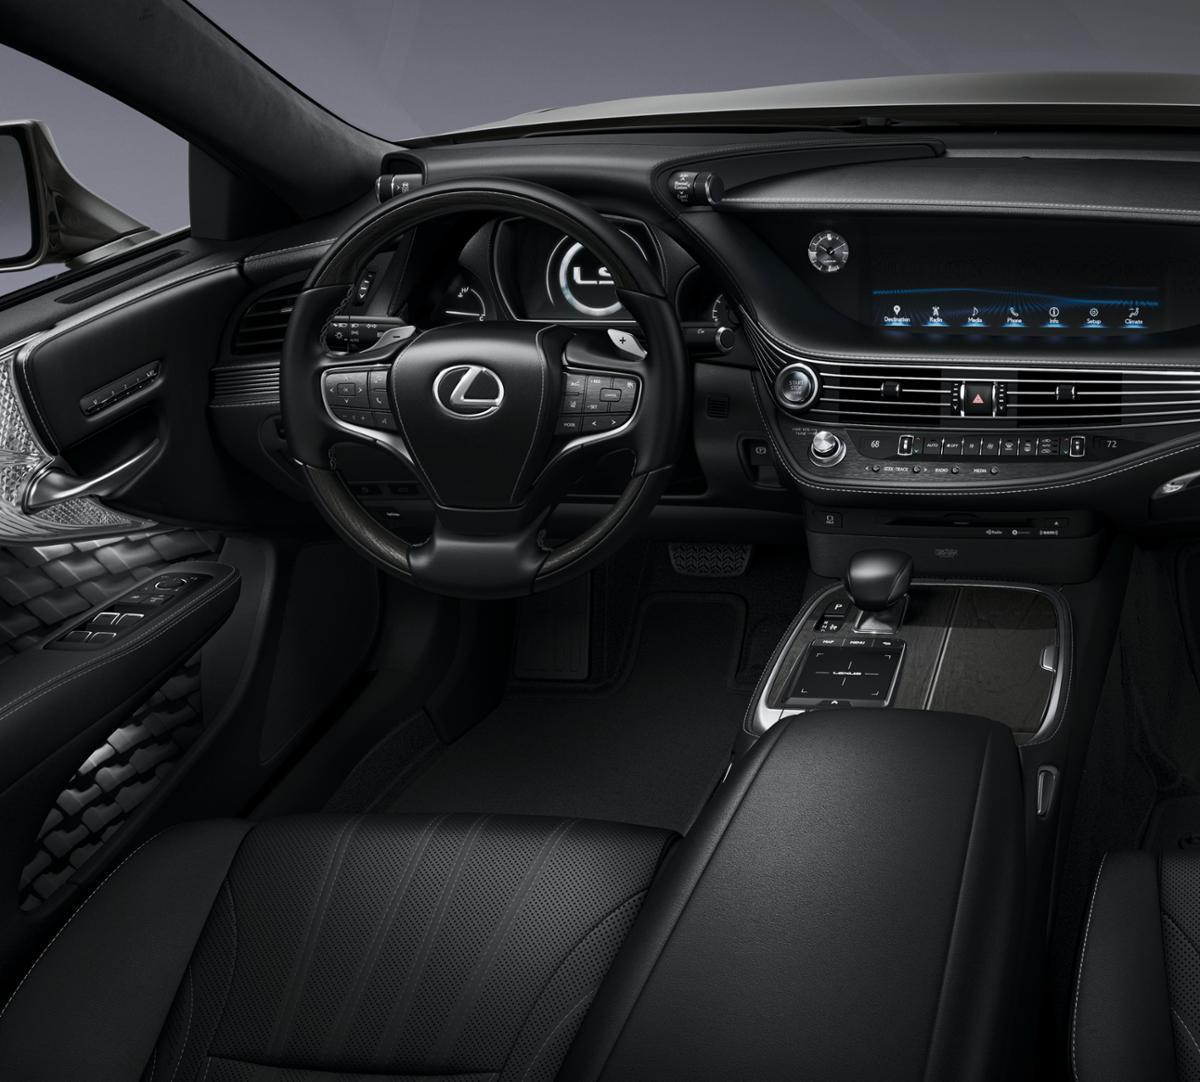 1993 Lexus Sc Interior: Dallas New 2018 Lexus LS 500 Liquid Platinum: Car For Sale